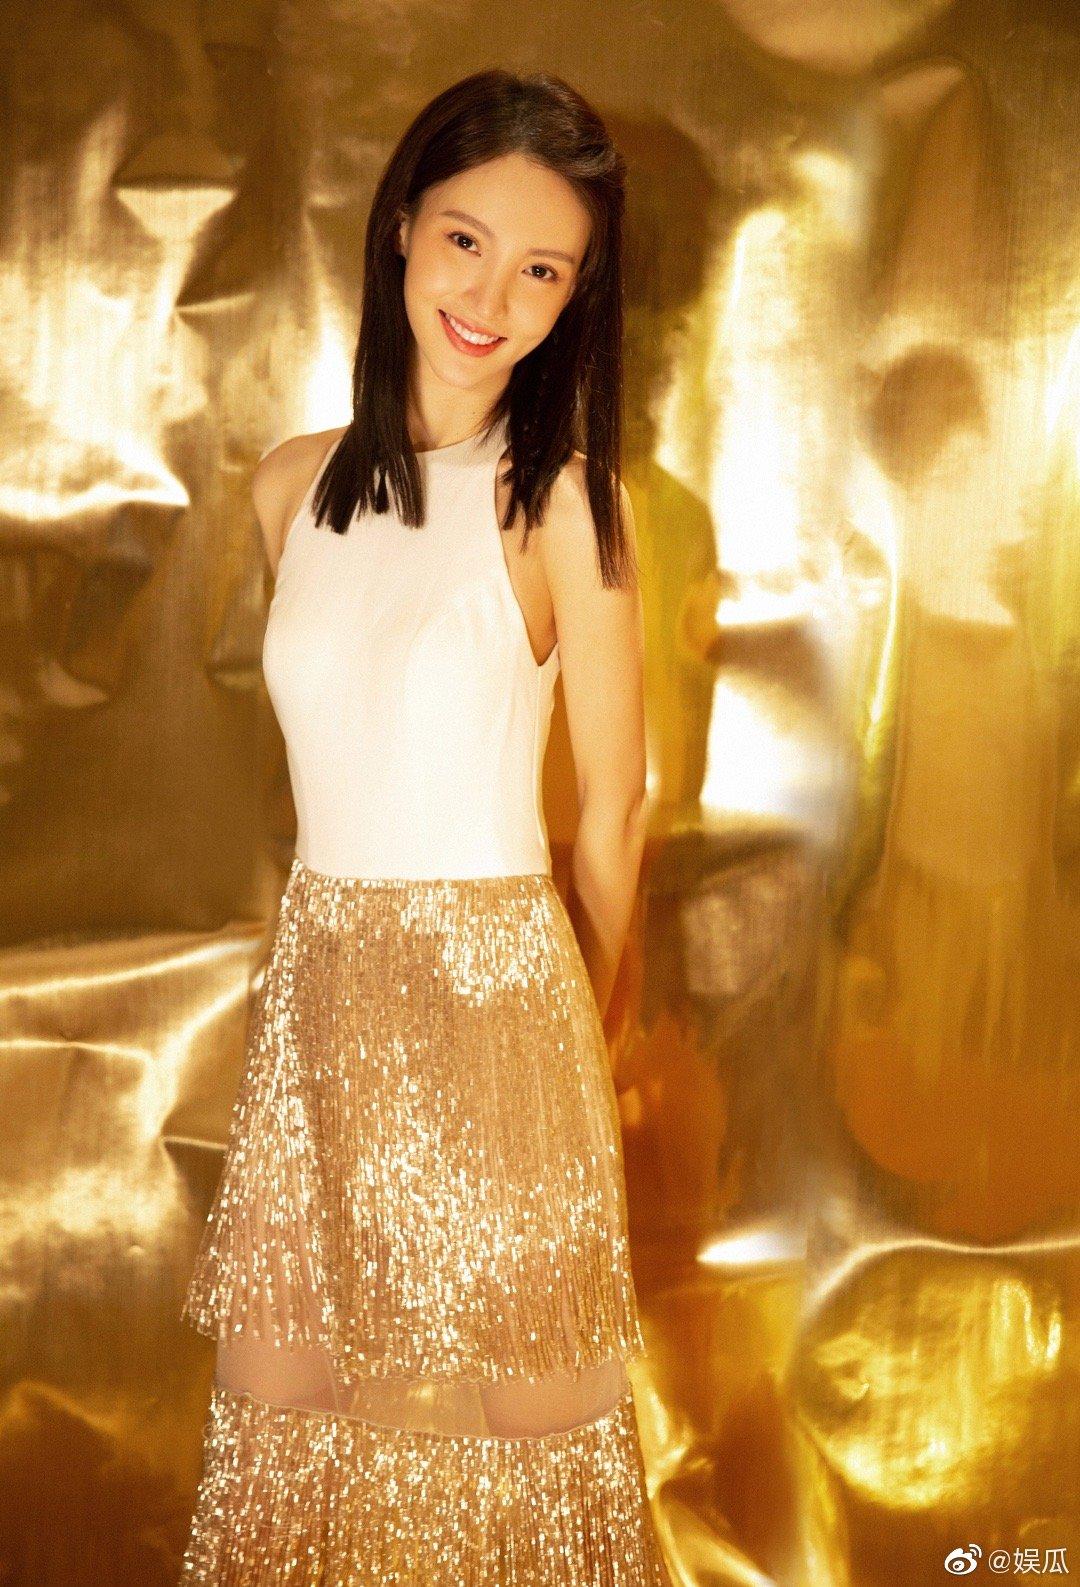 金晨在跨界歌王表演《别找我麻烦》,又是唱又是跳舞的